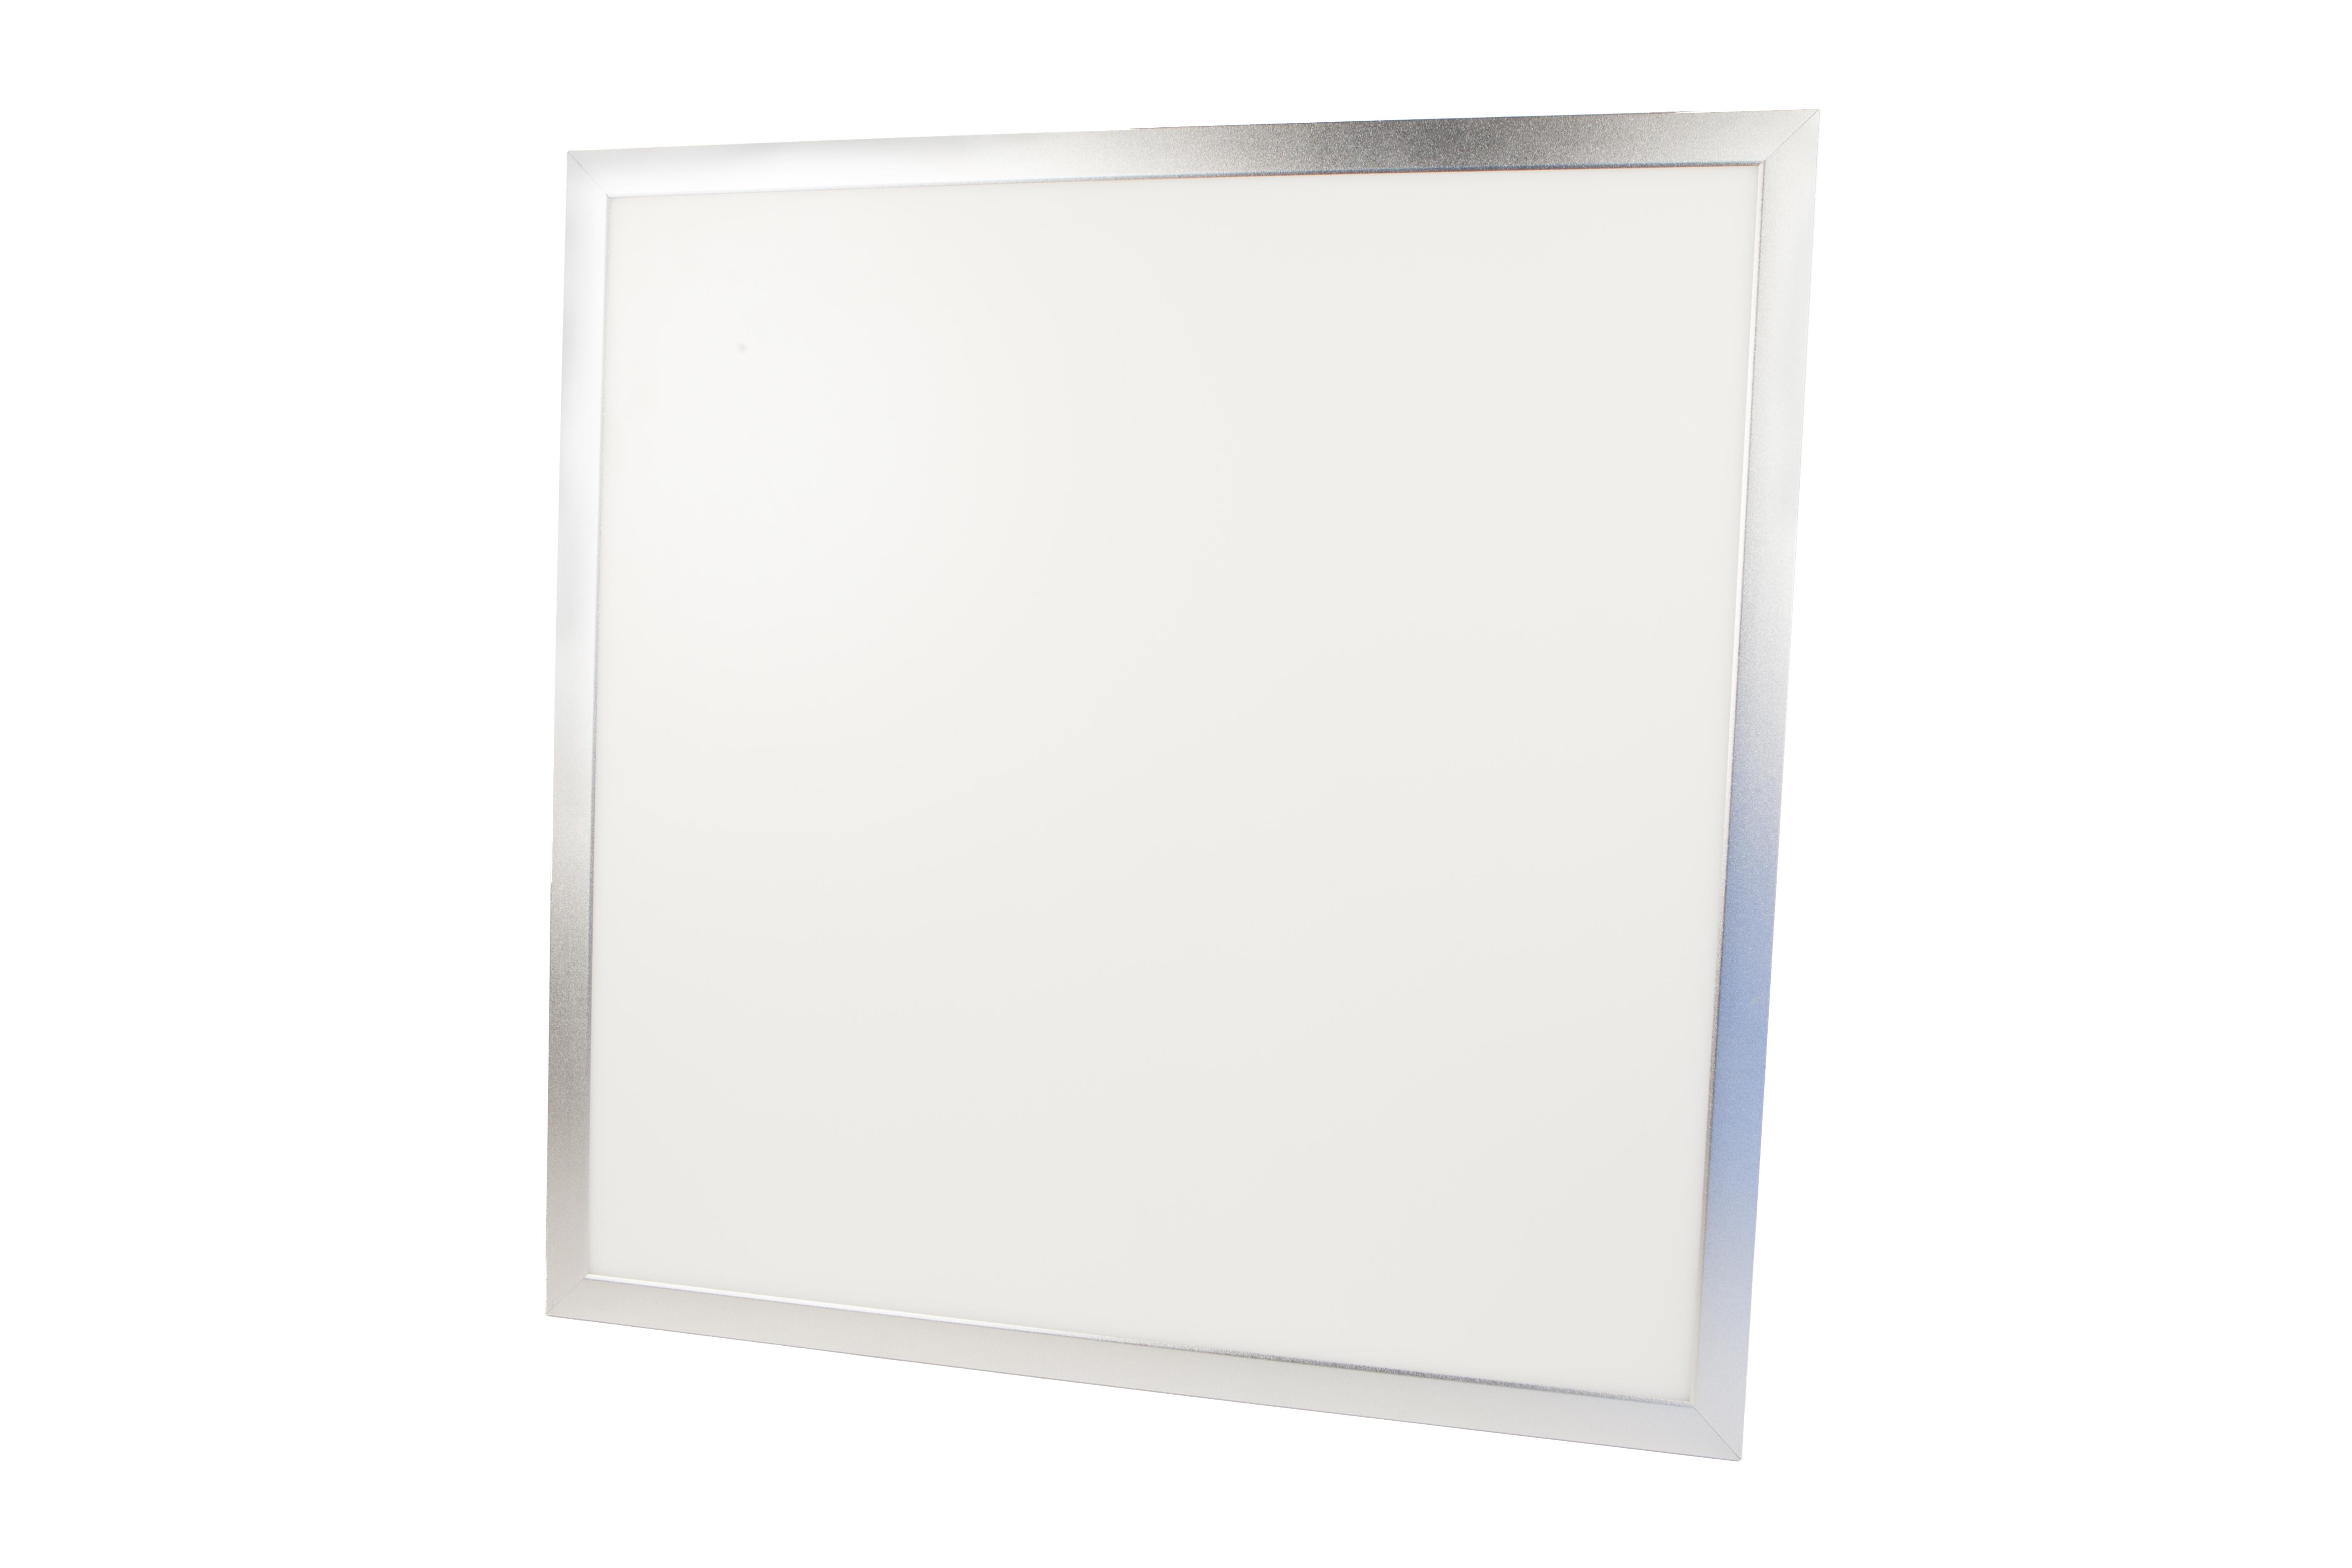 40w 2 x2 dimmable led panel lights ac 277 347v rimikon. Black Bedroom Furniture Sets. Home Design Ideas